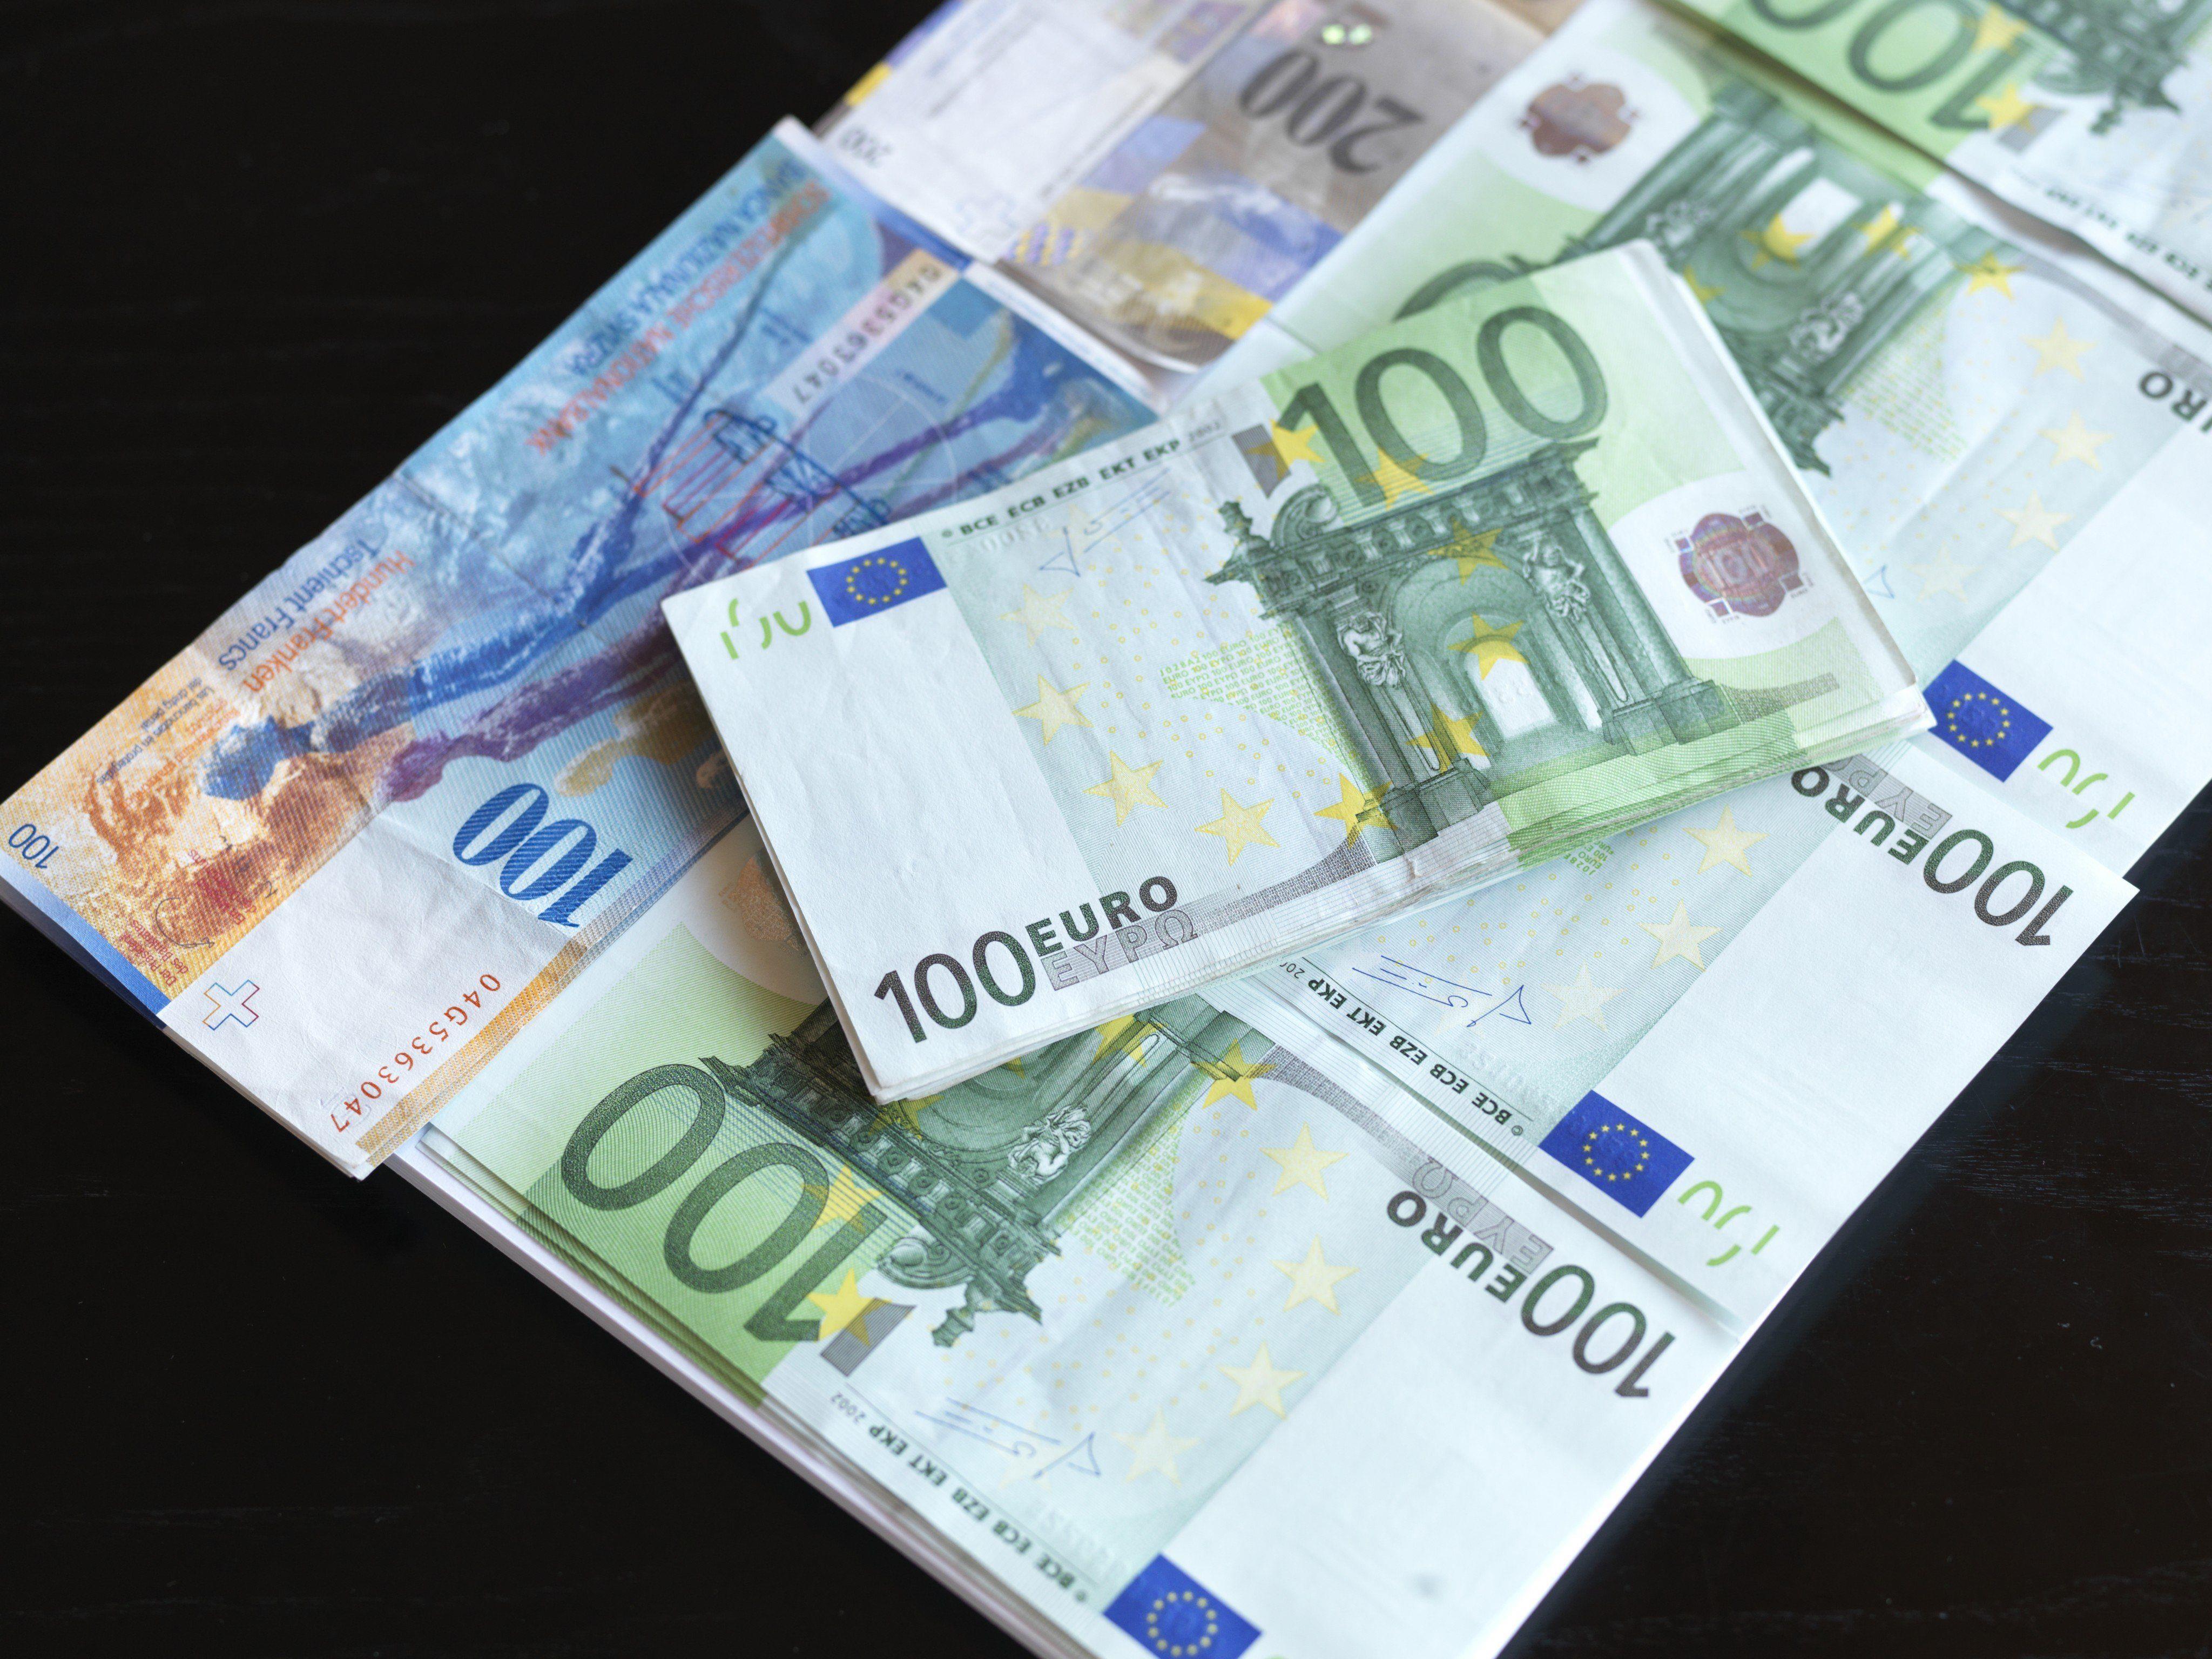 Der Bausparvertrag bleibt Österreichs beliebteste Sparform.